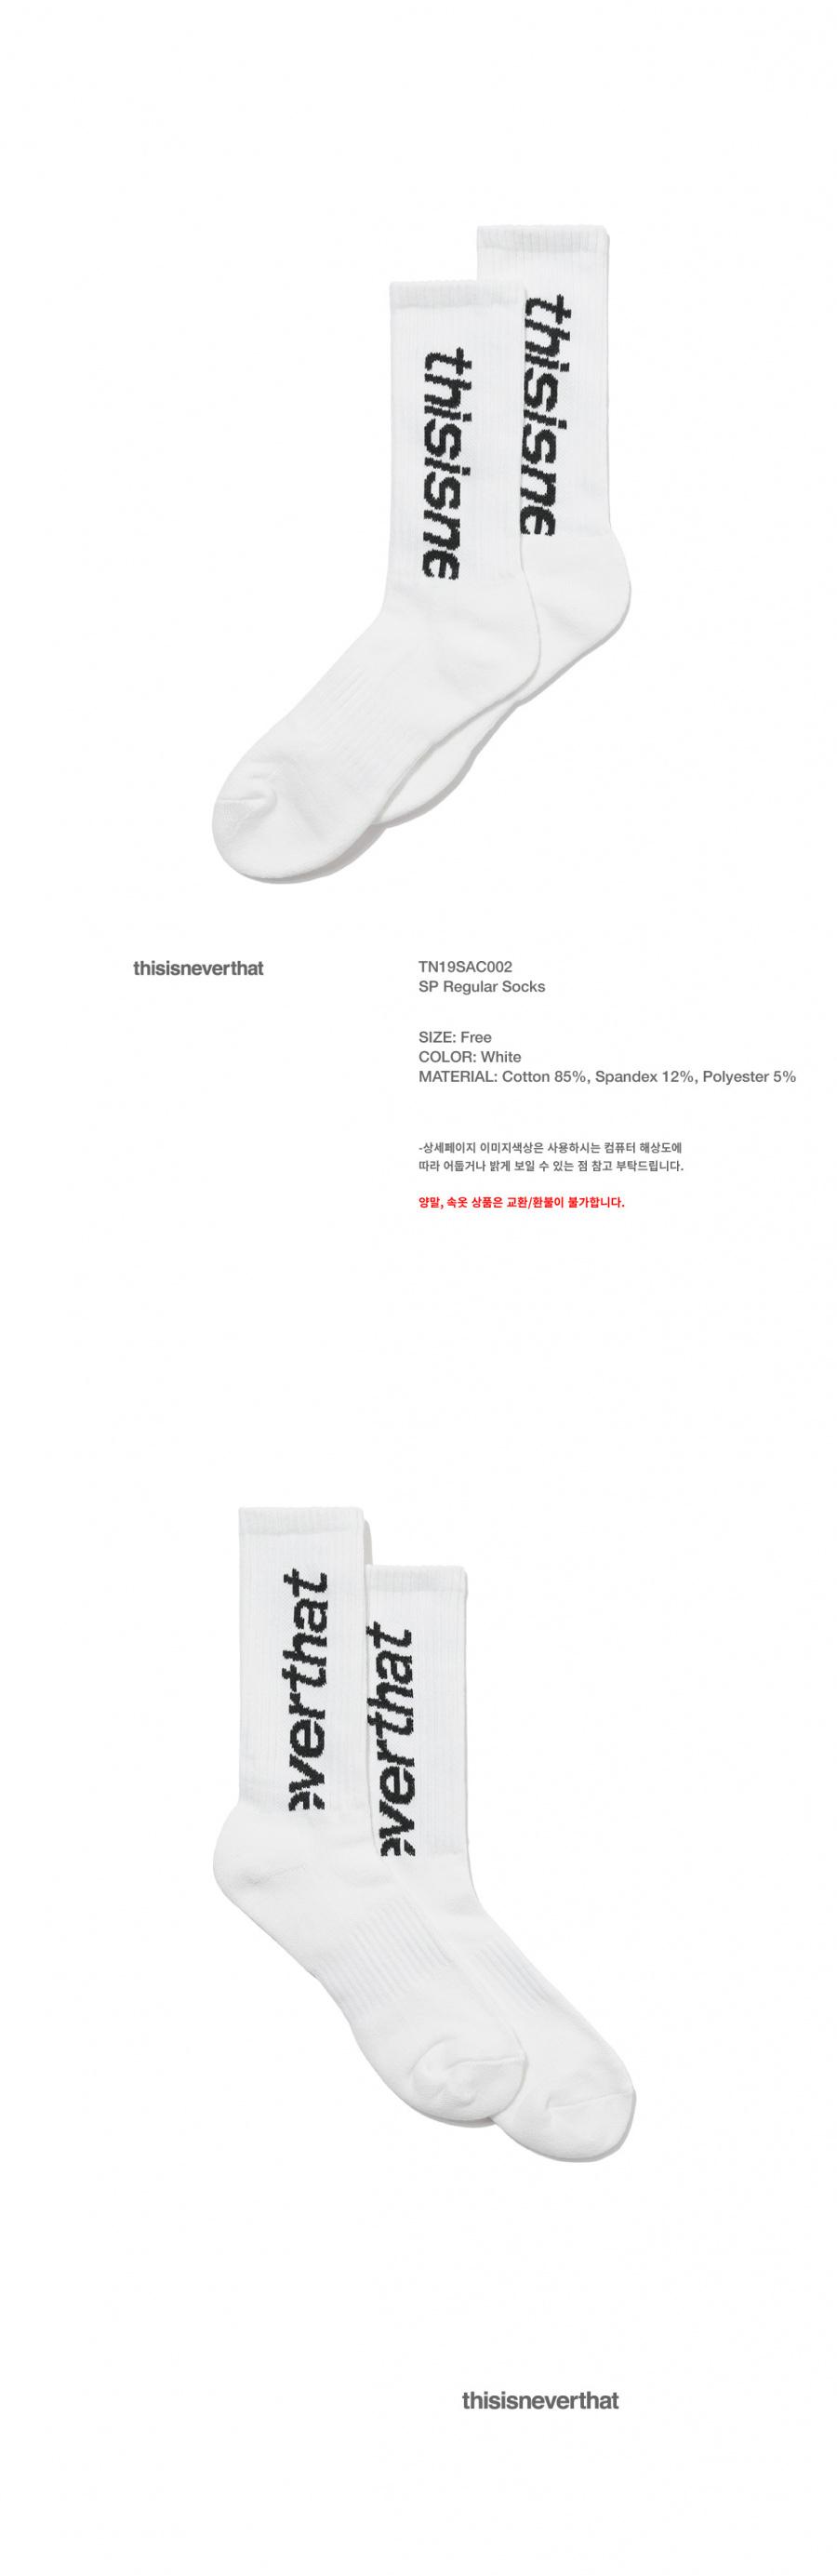 디스이즈네버댓(THISISNEVERTHAT) SP Regular Socks White